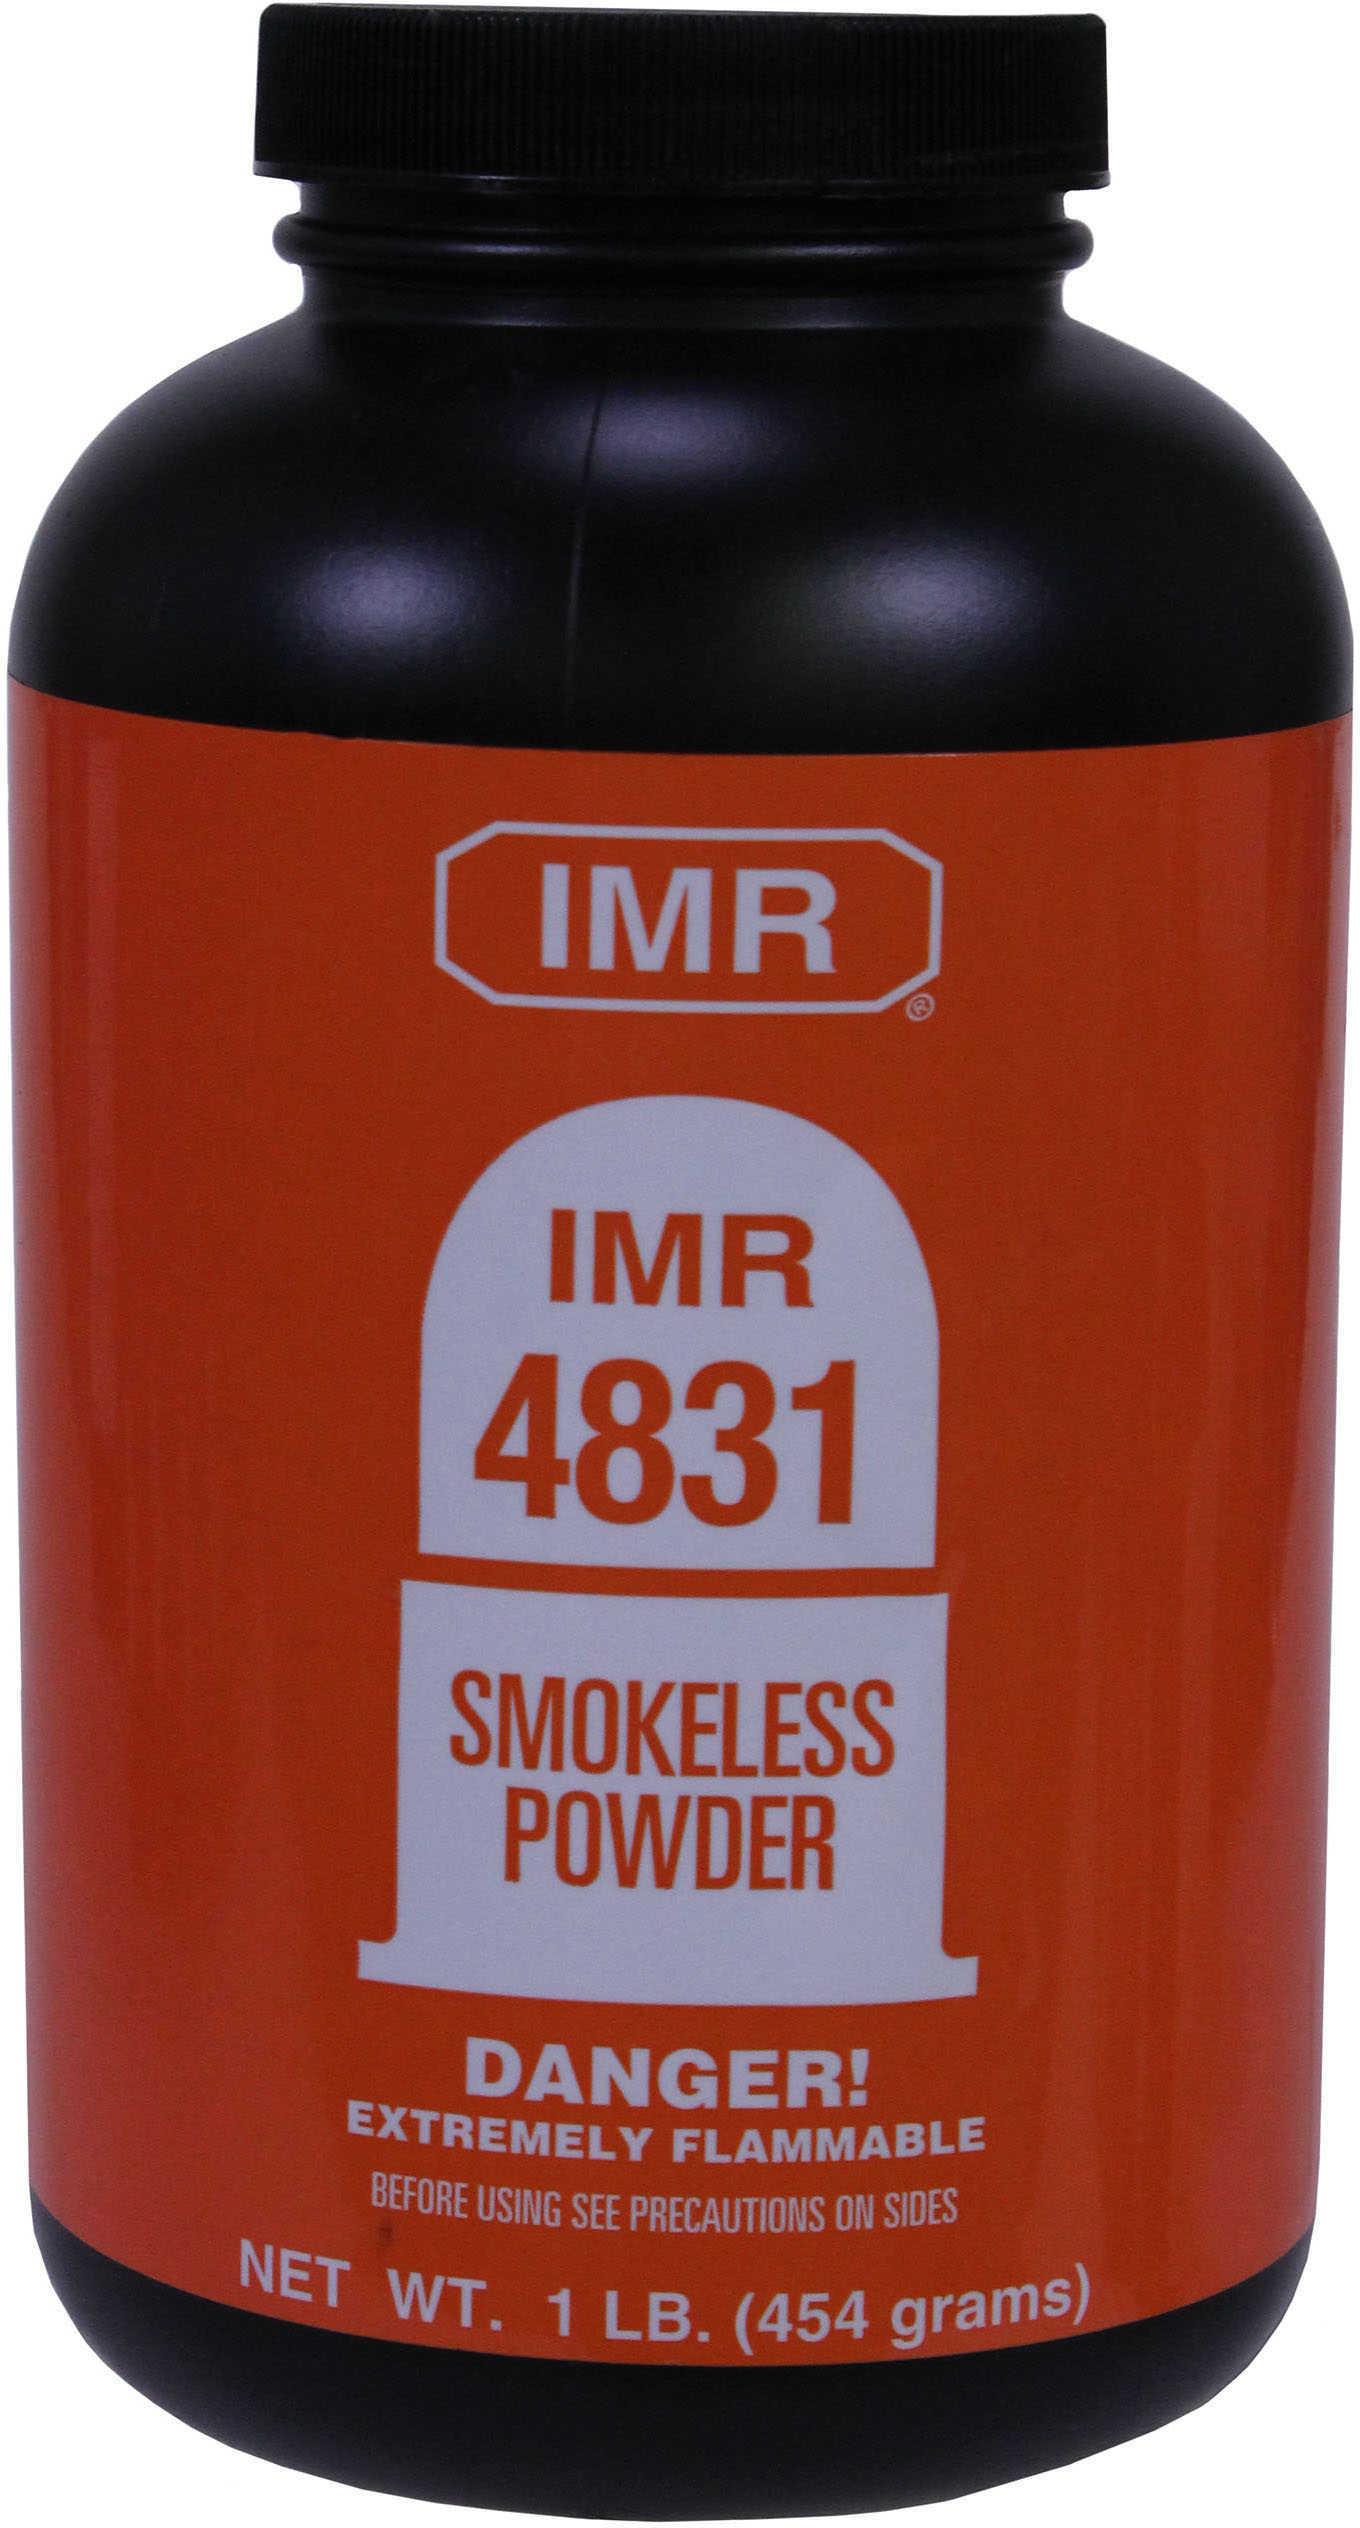 IMR Powder 4831 Smokeless 1 Lb